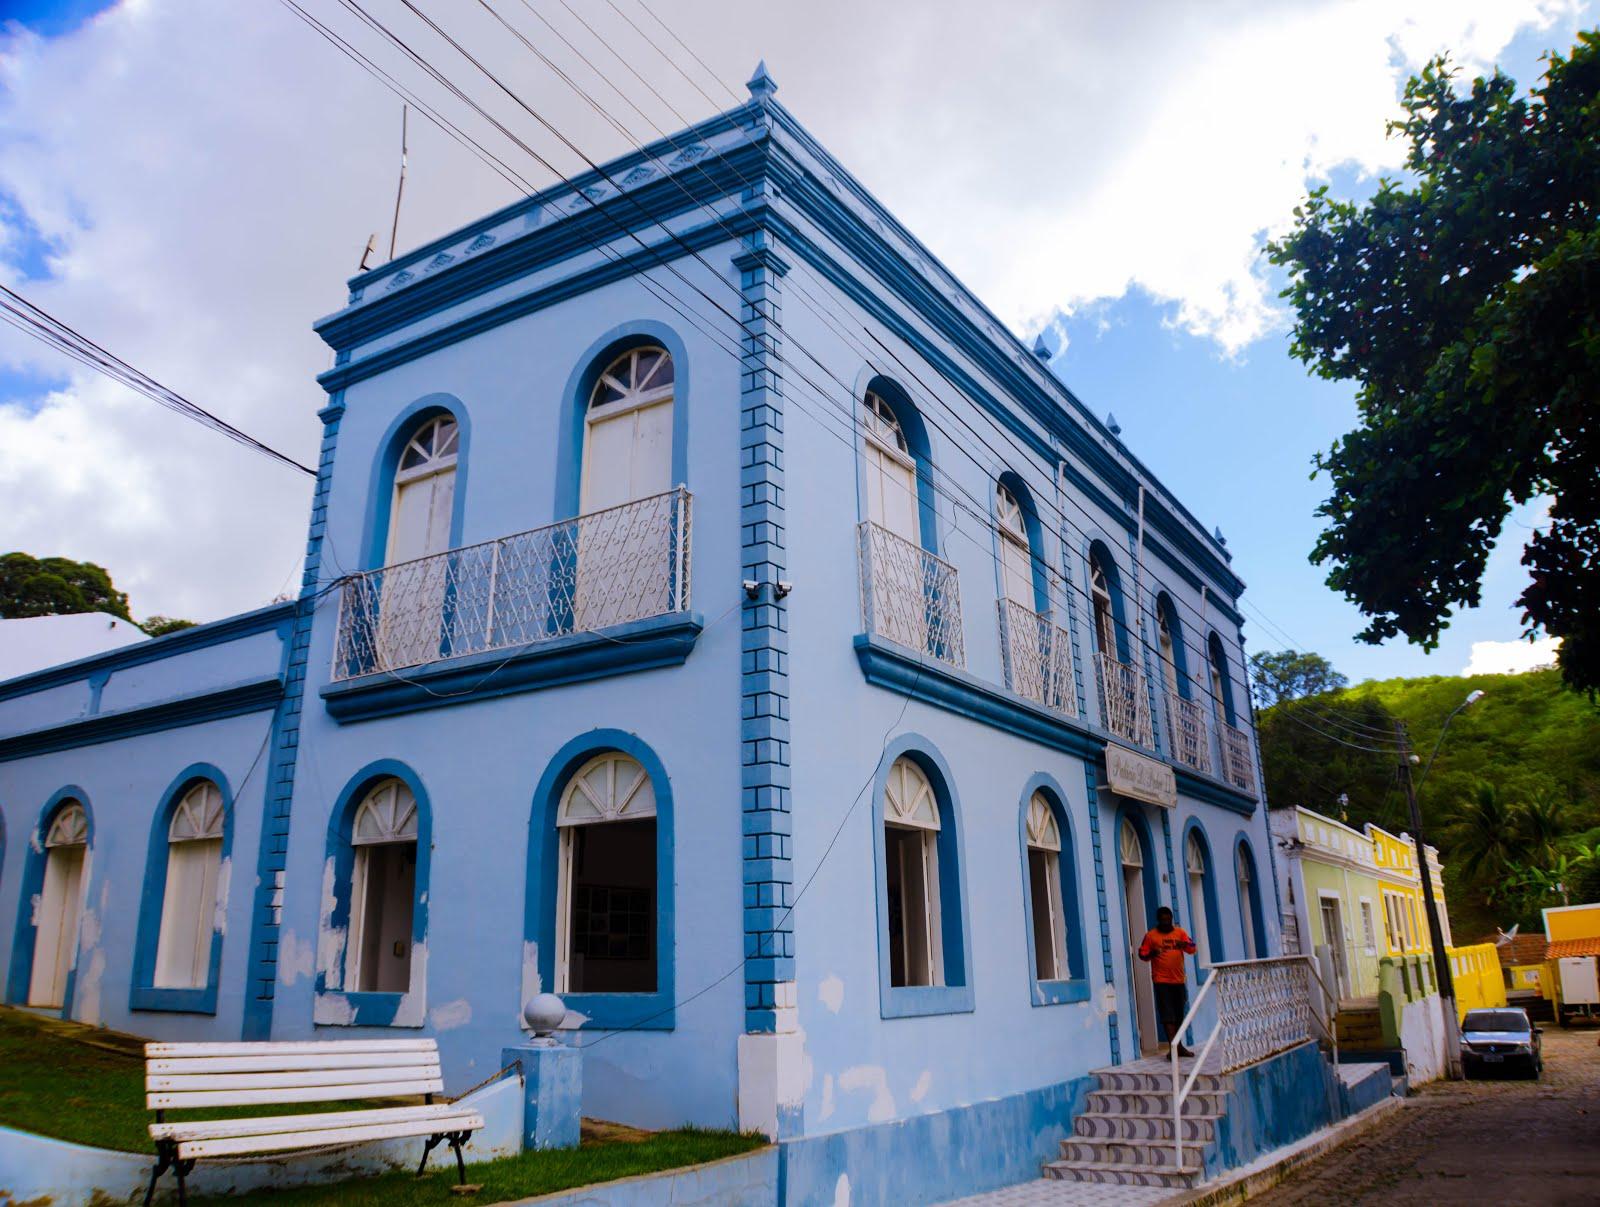 PREFEITURA DE PIRANHAS, ALAGOAS